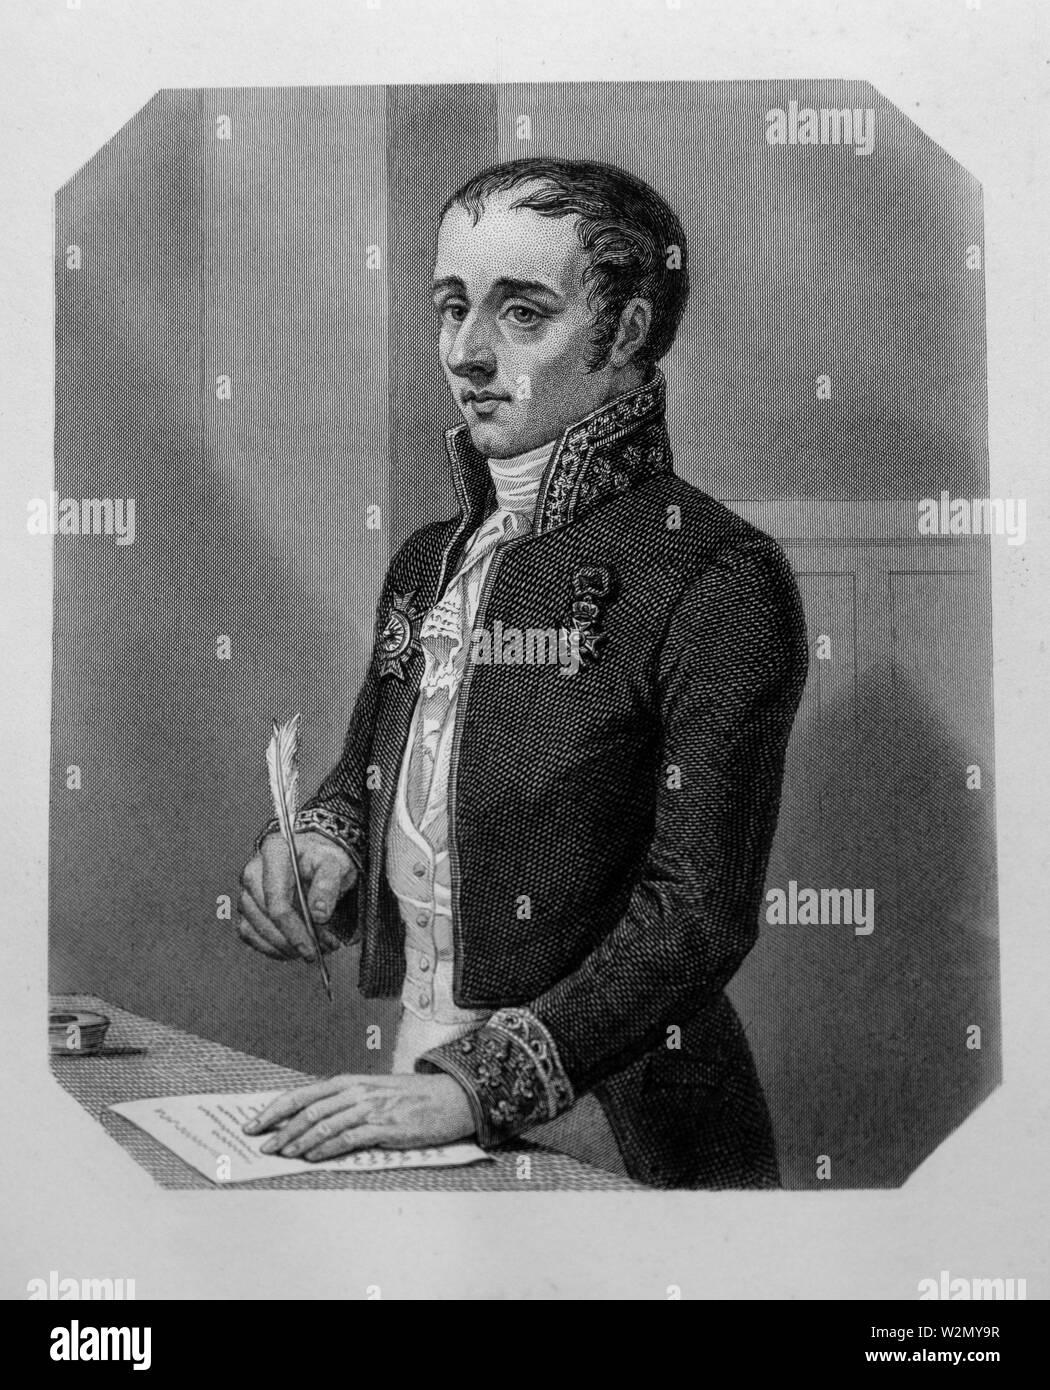 Joseph-Henri-Joachim Lainé.Joseph-Henri-Joachim1, vicomte Lainé, né le 11 novembre 1768 à Bordeaux et mort le 17 décembre 1835 à Paris, est un avocat - Stock Image